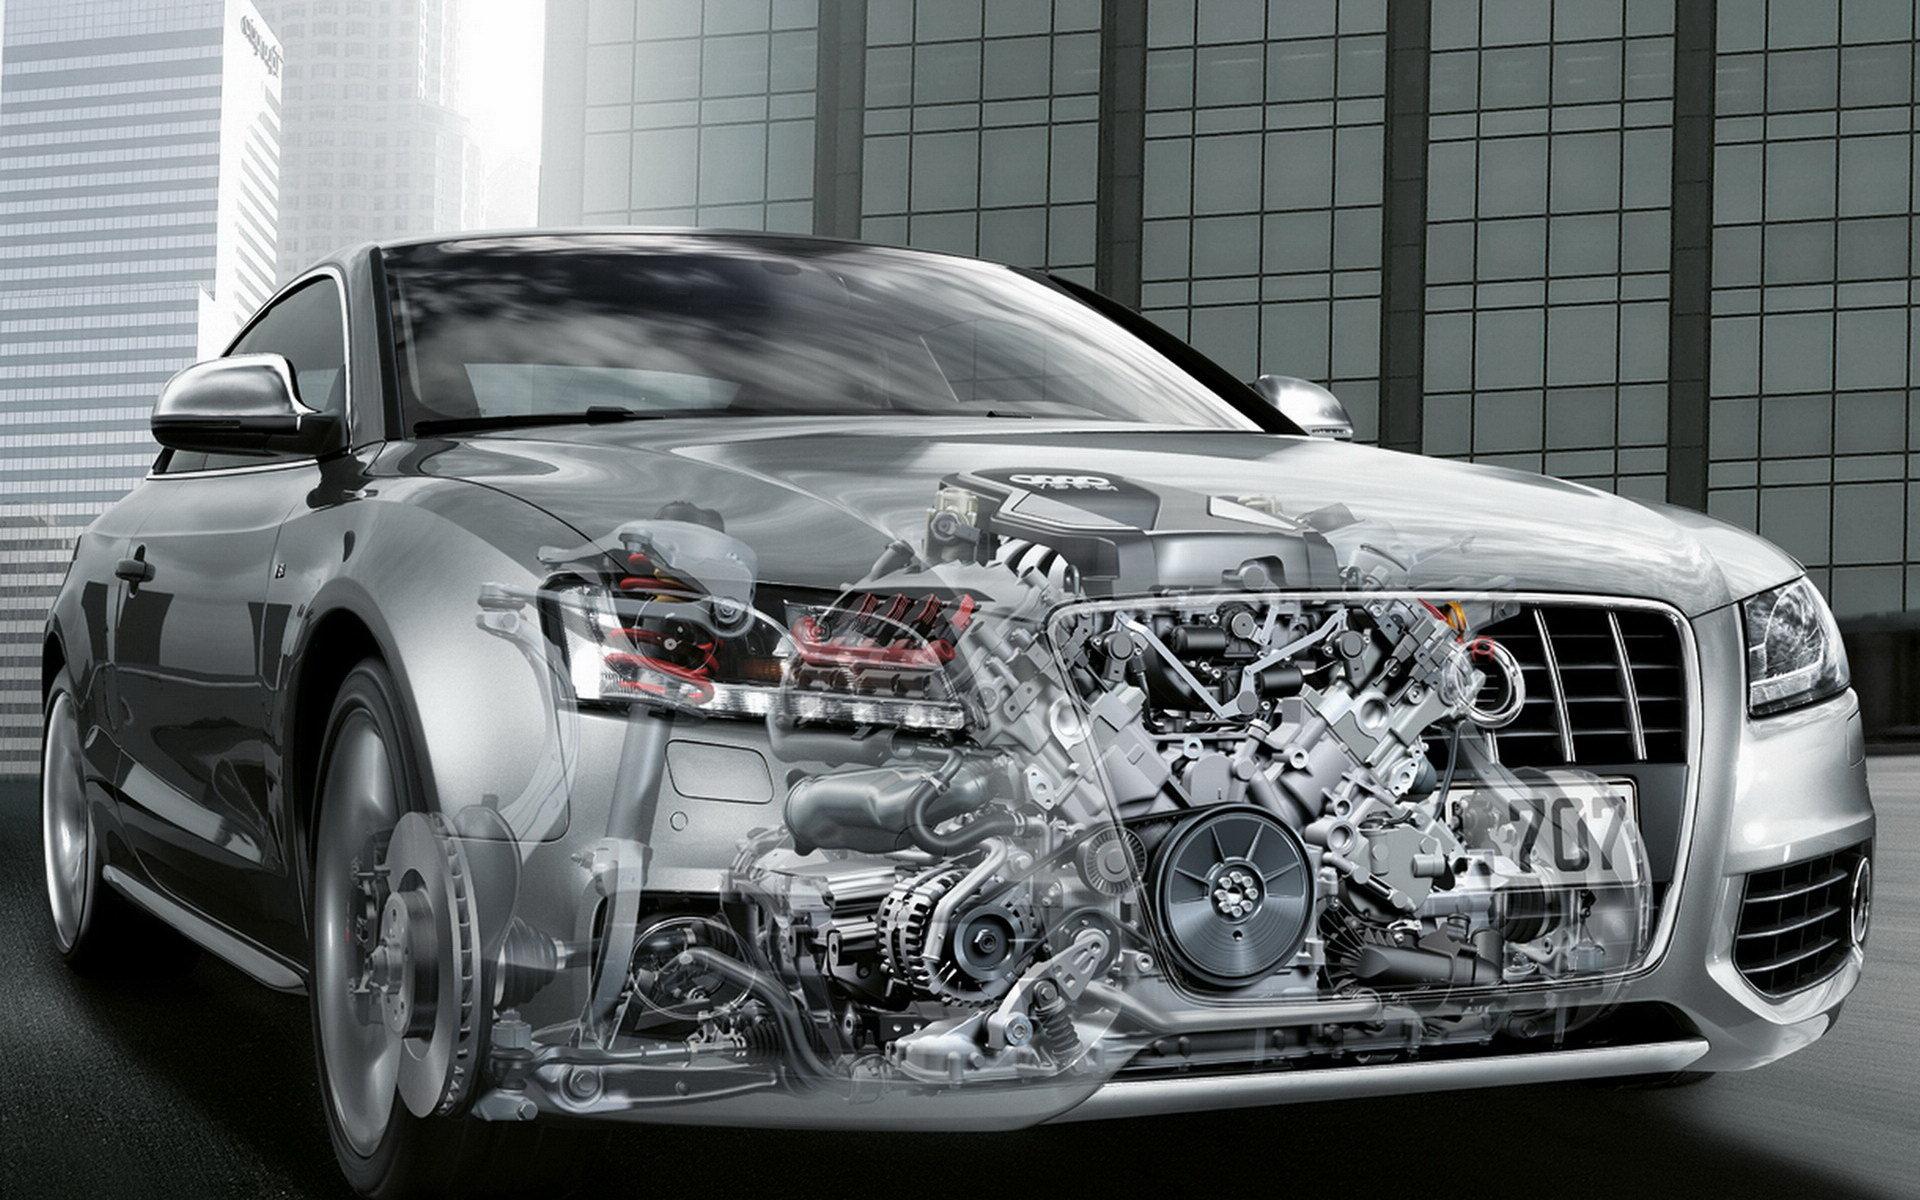 21254 скачать обои Транспорт, Машины, Ауди (Audi) - заставки и картинки бесплатно